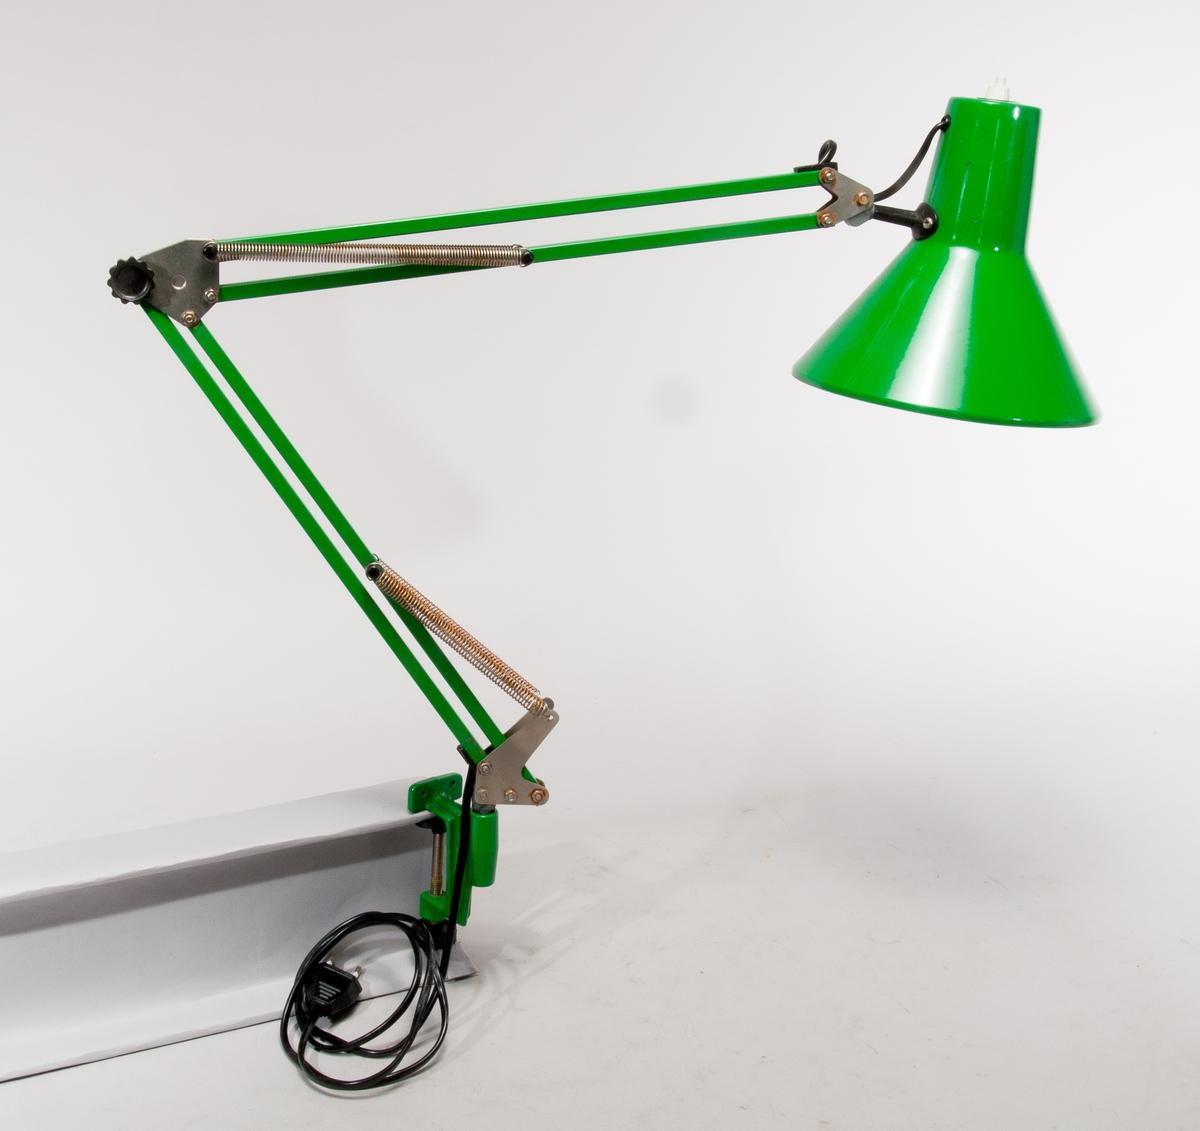 Kontorslampa med skruvklämma för montage på skrivbordsskiva.